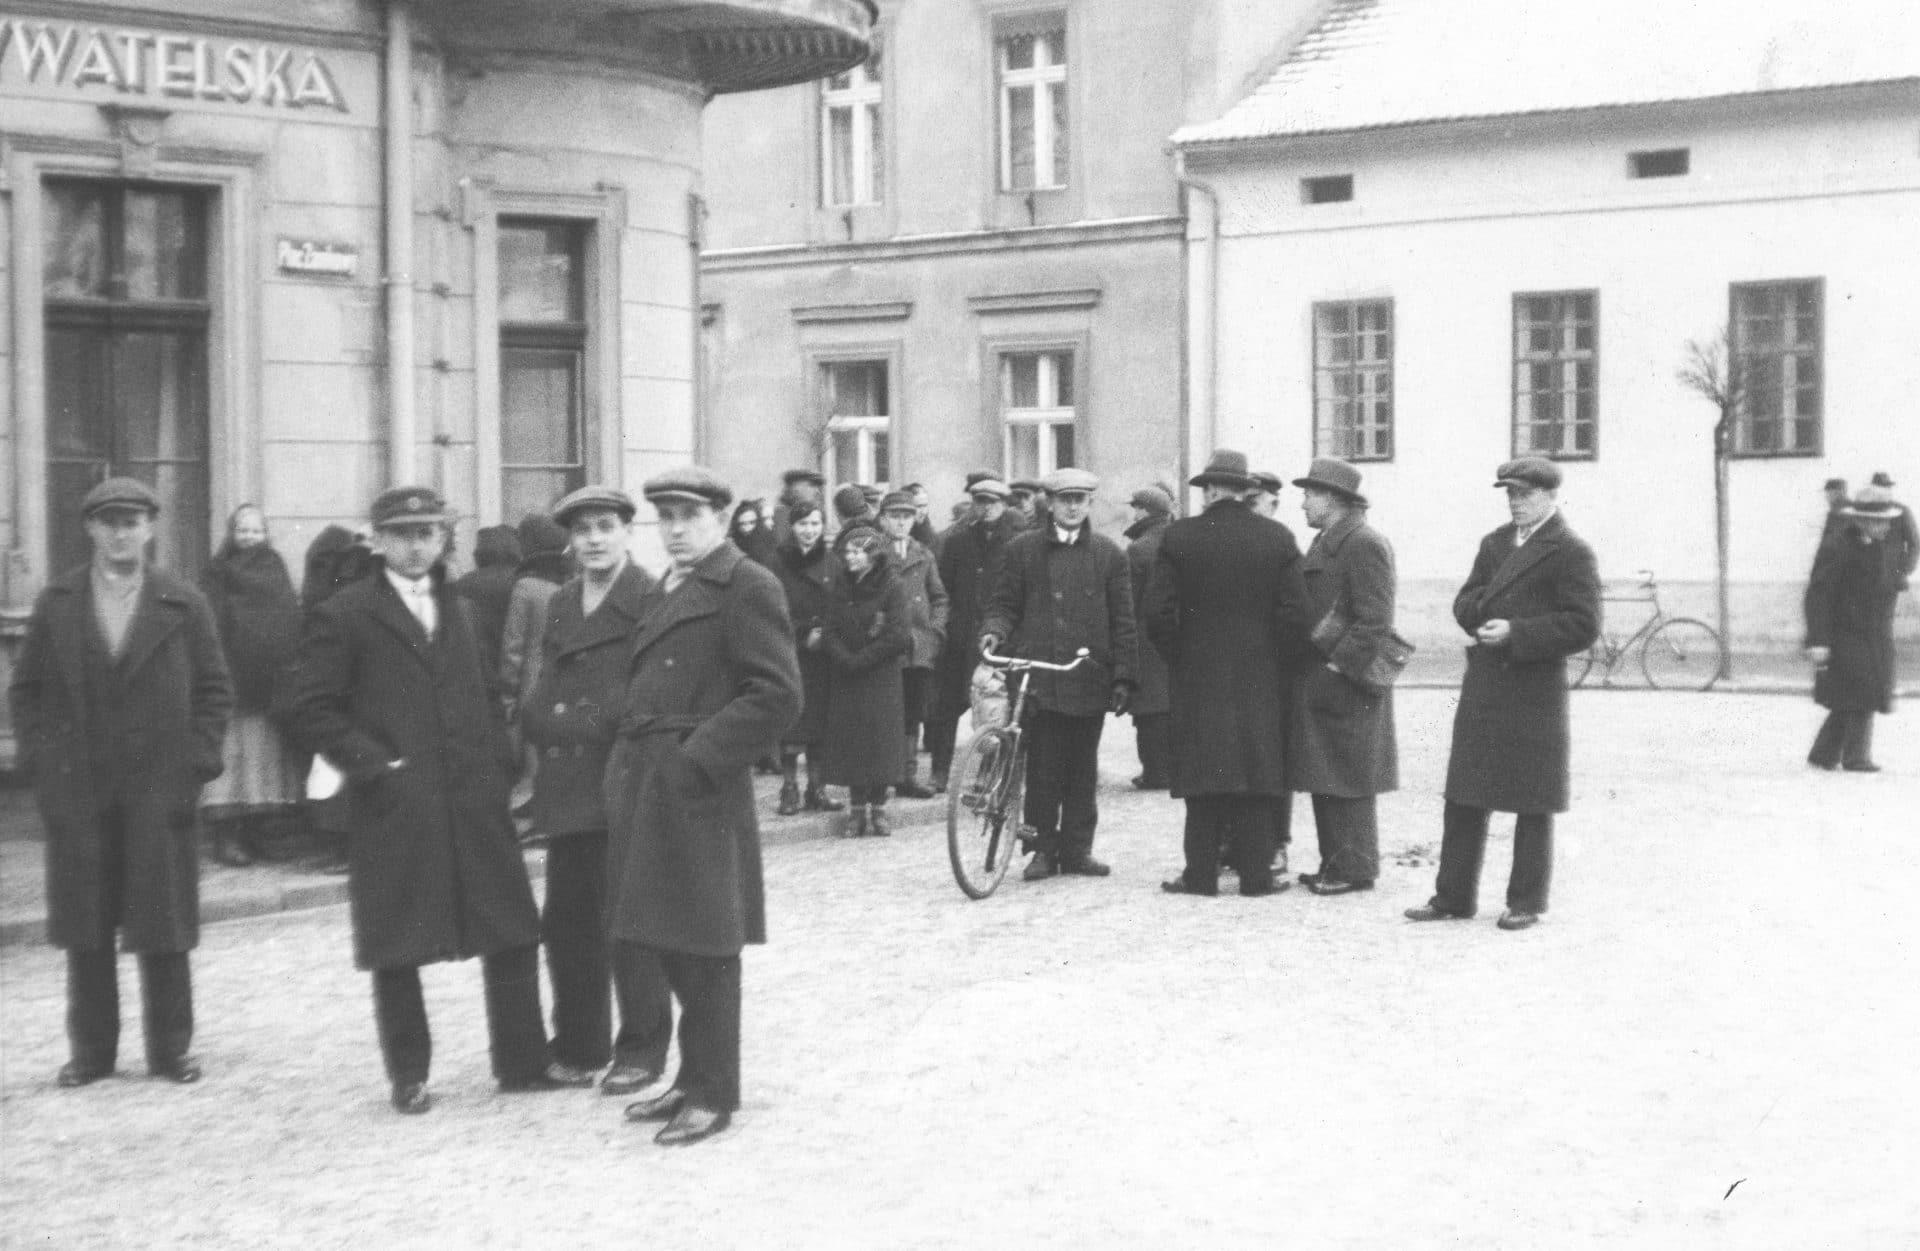 Plac Zamkowy w Rybniku w 20-leciu międzywojennym. Źródło: Narodowe Archiwum Cyfrowe. Artur Trunkhardt mieszkał w Rybniku.